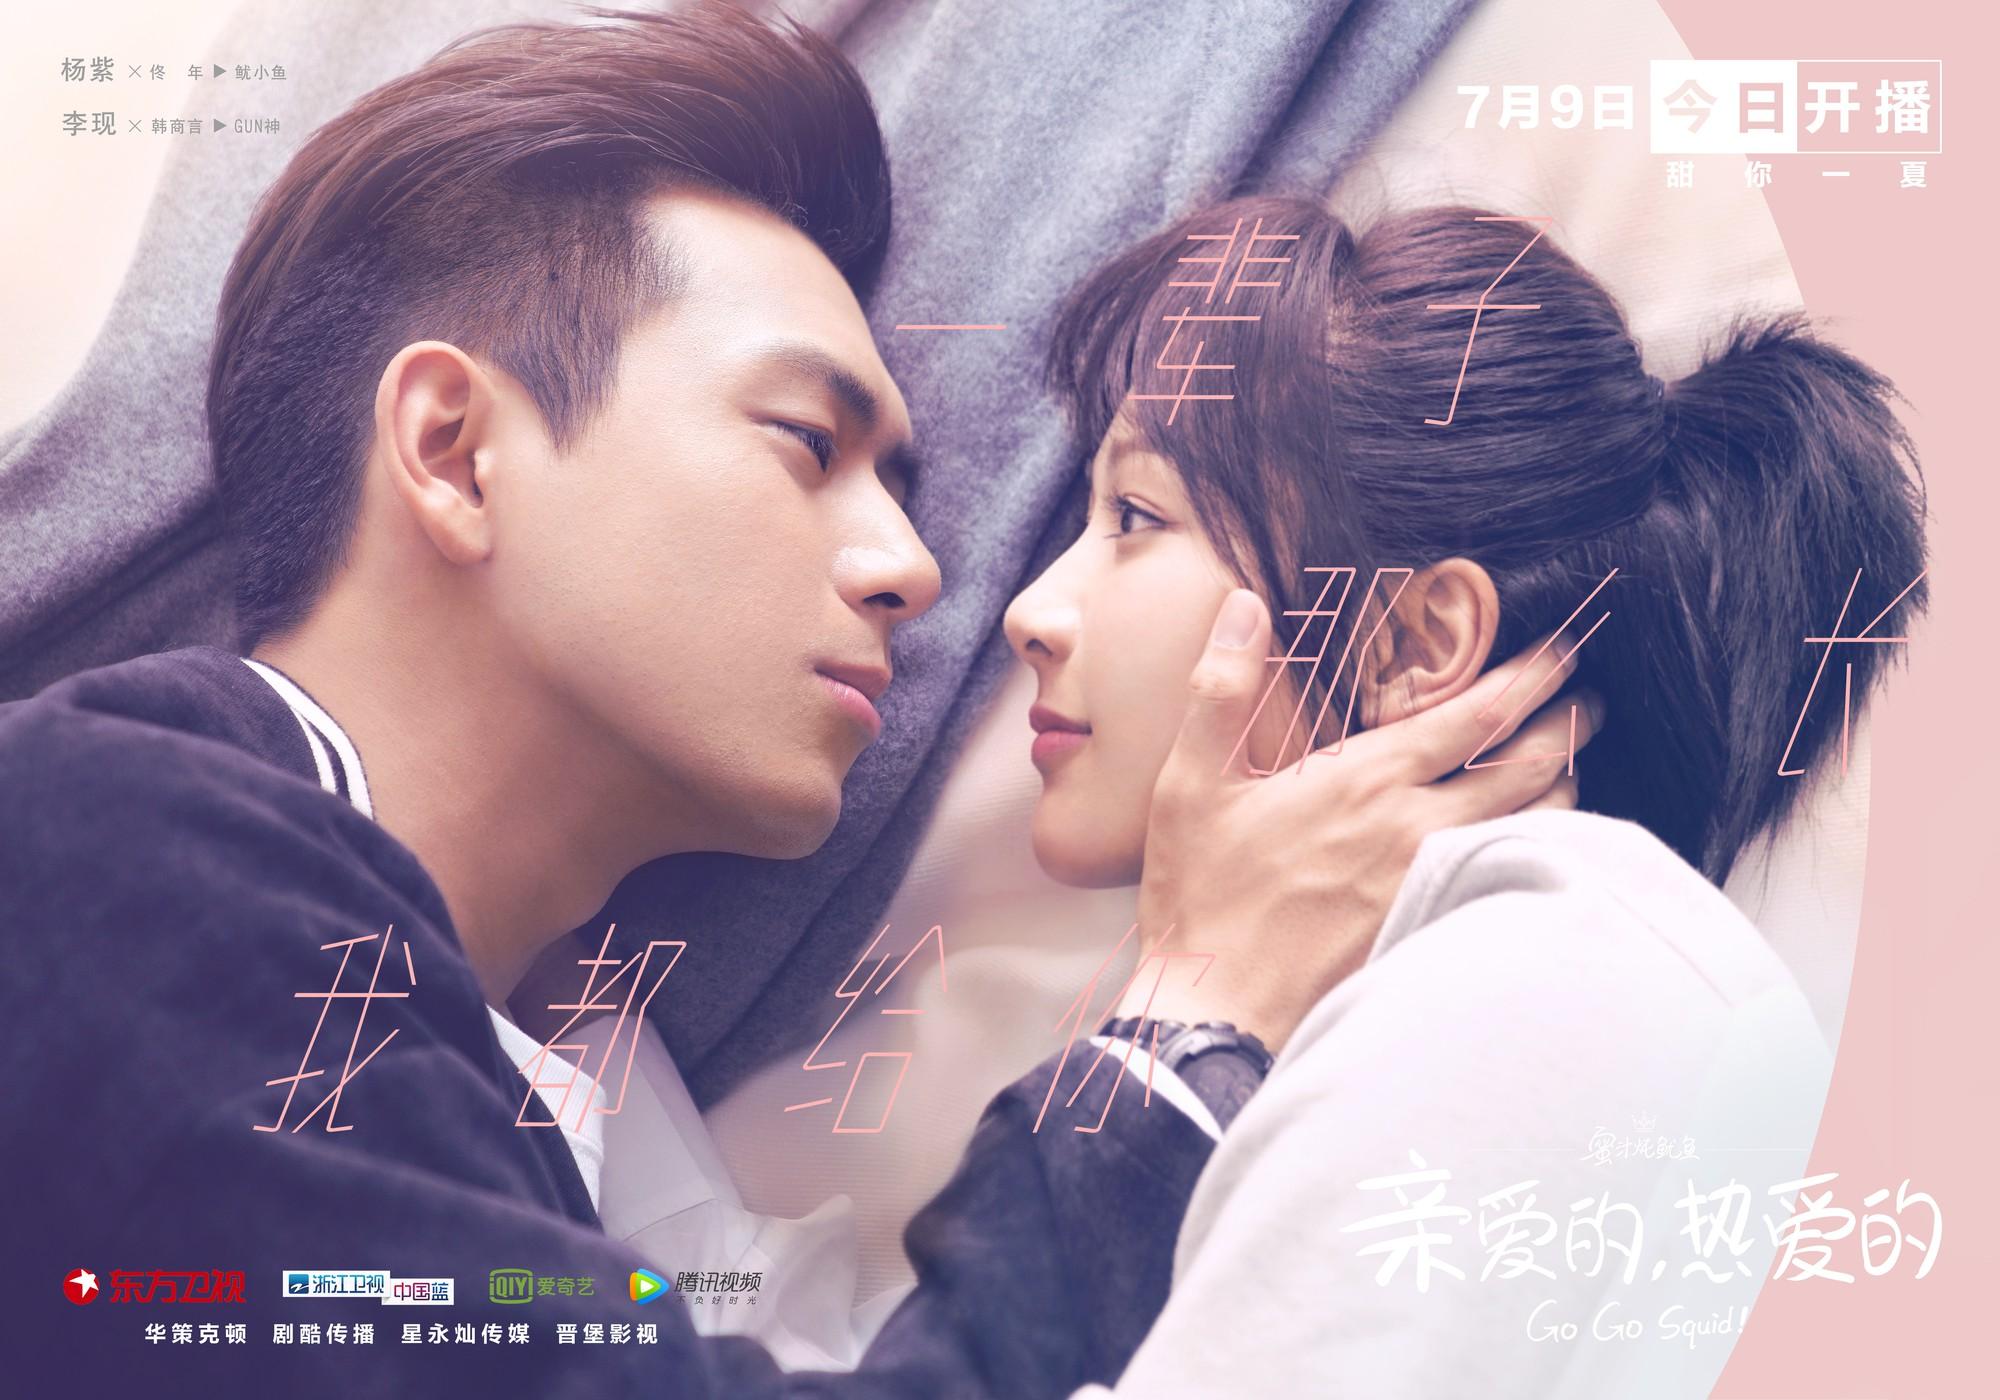 Cuộc chiến phim hè 2019: Một mình nam thần Dương Dương trơ trọi giữa dàn mỹ nữ Đường Yên, Dương Tử, Ngô Cẩn Ngôn - Ảnh 5.